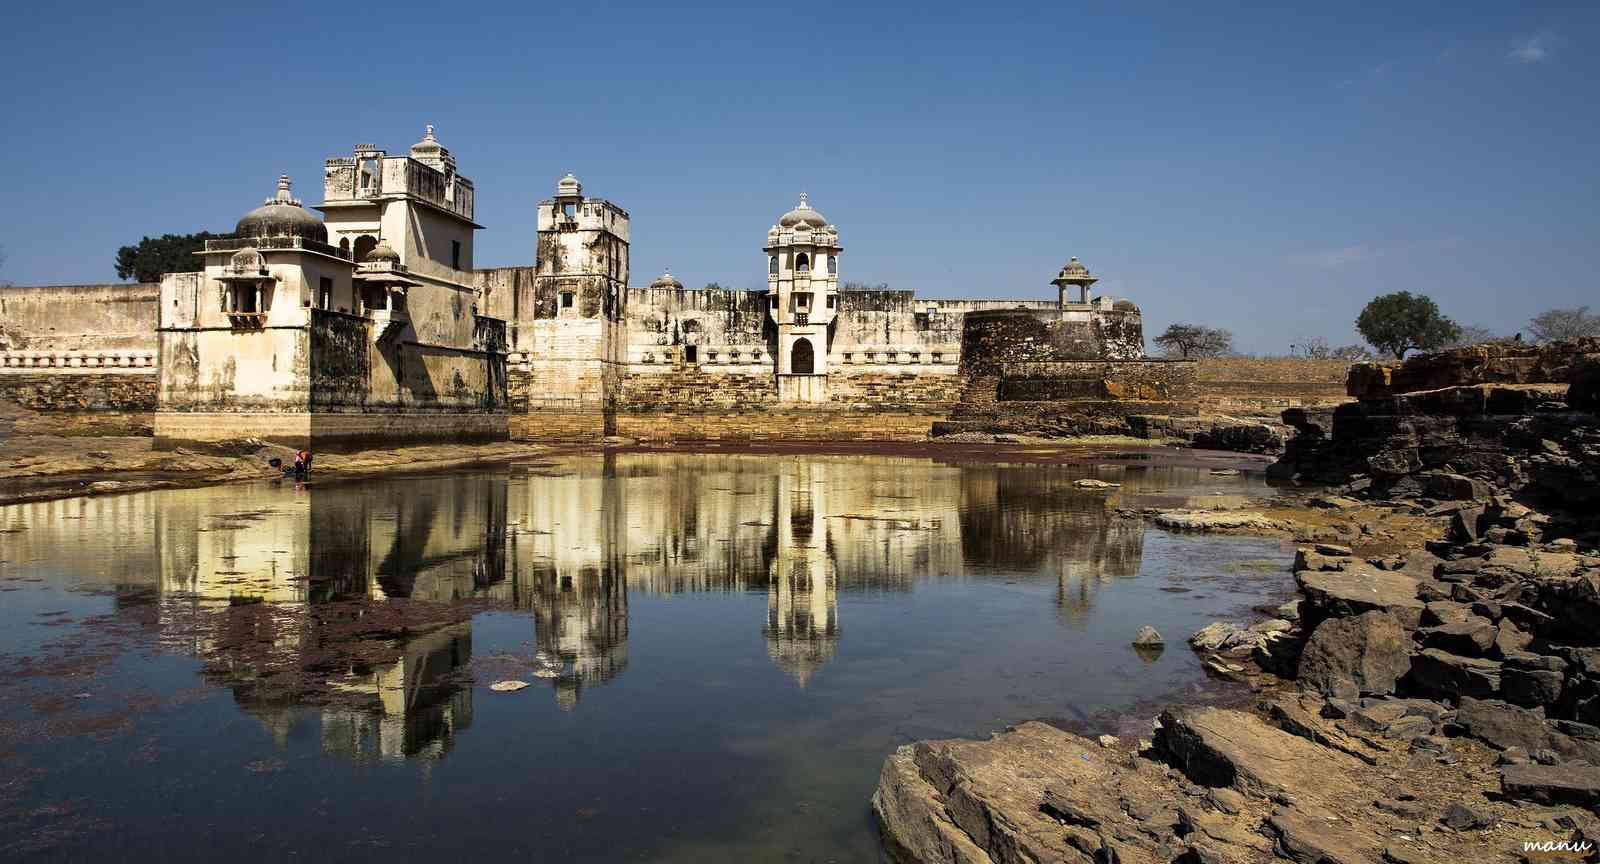 Padmavati Palace